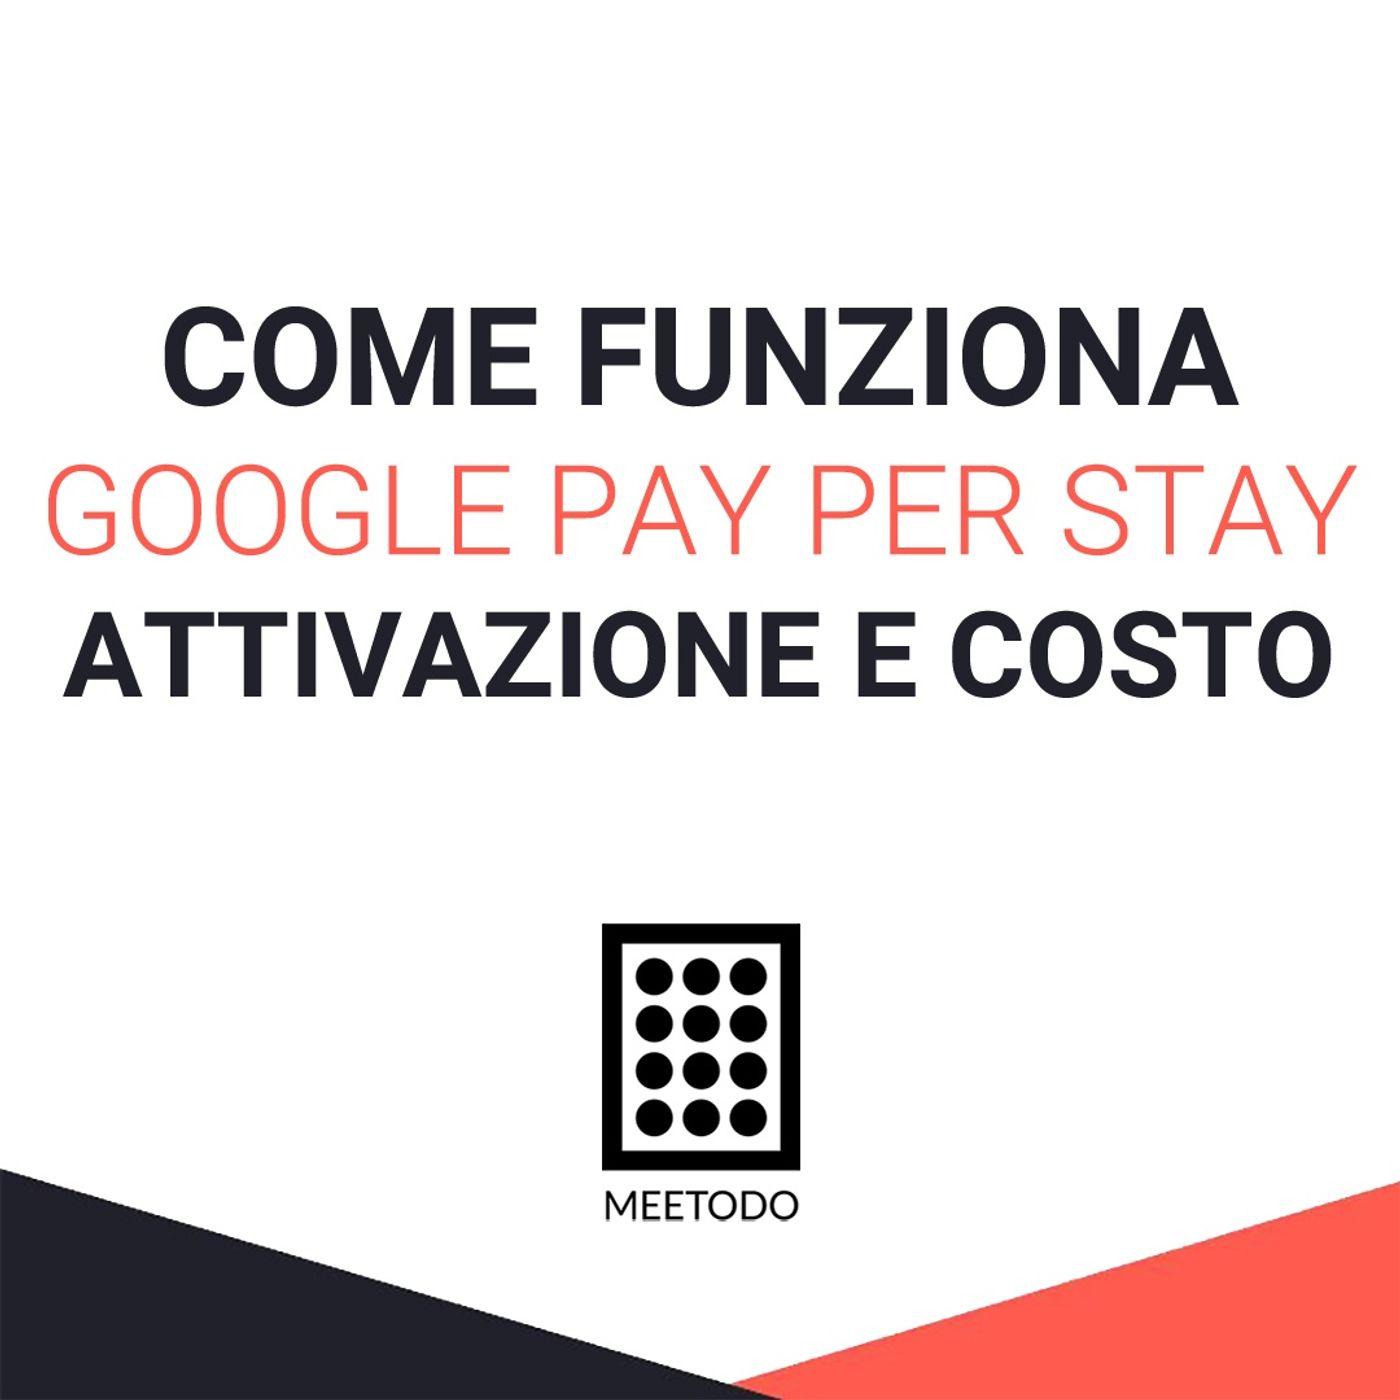 Come funziona Google Pay Per Stay, come attivarlo e quanto costa